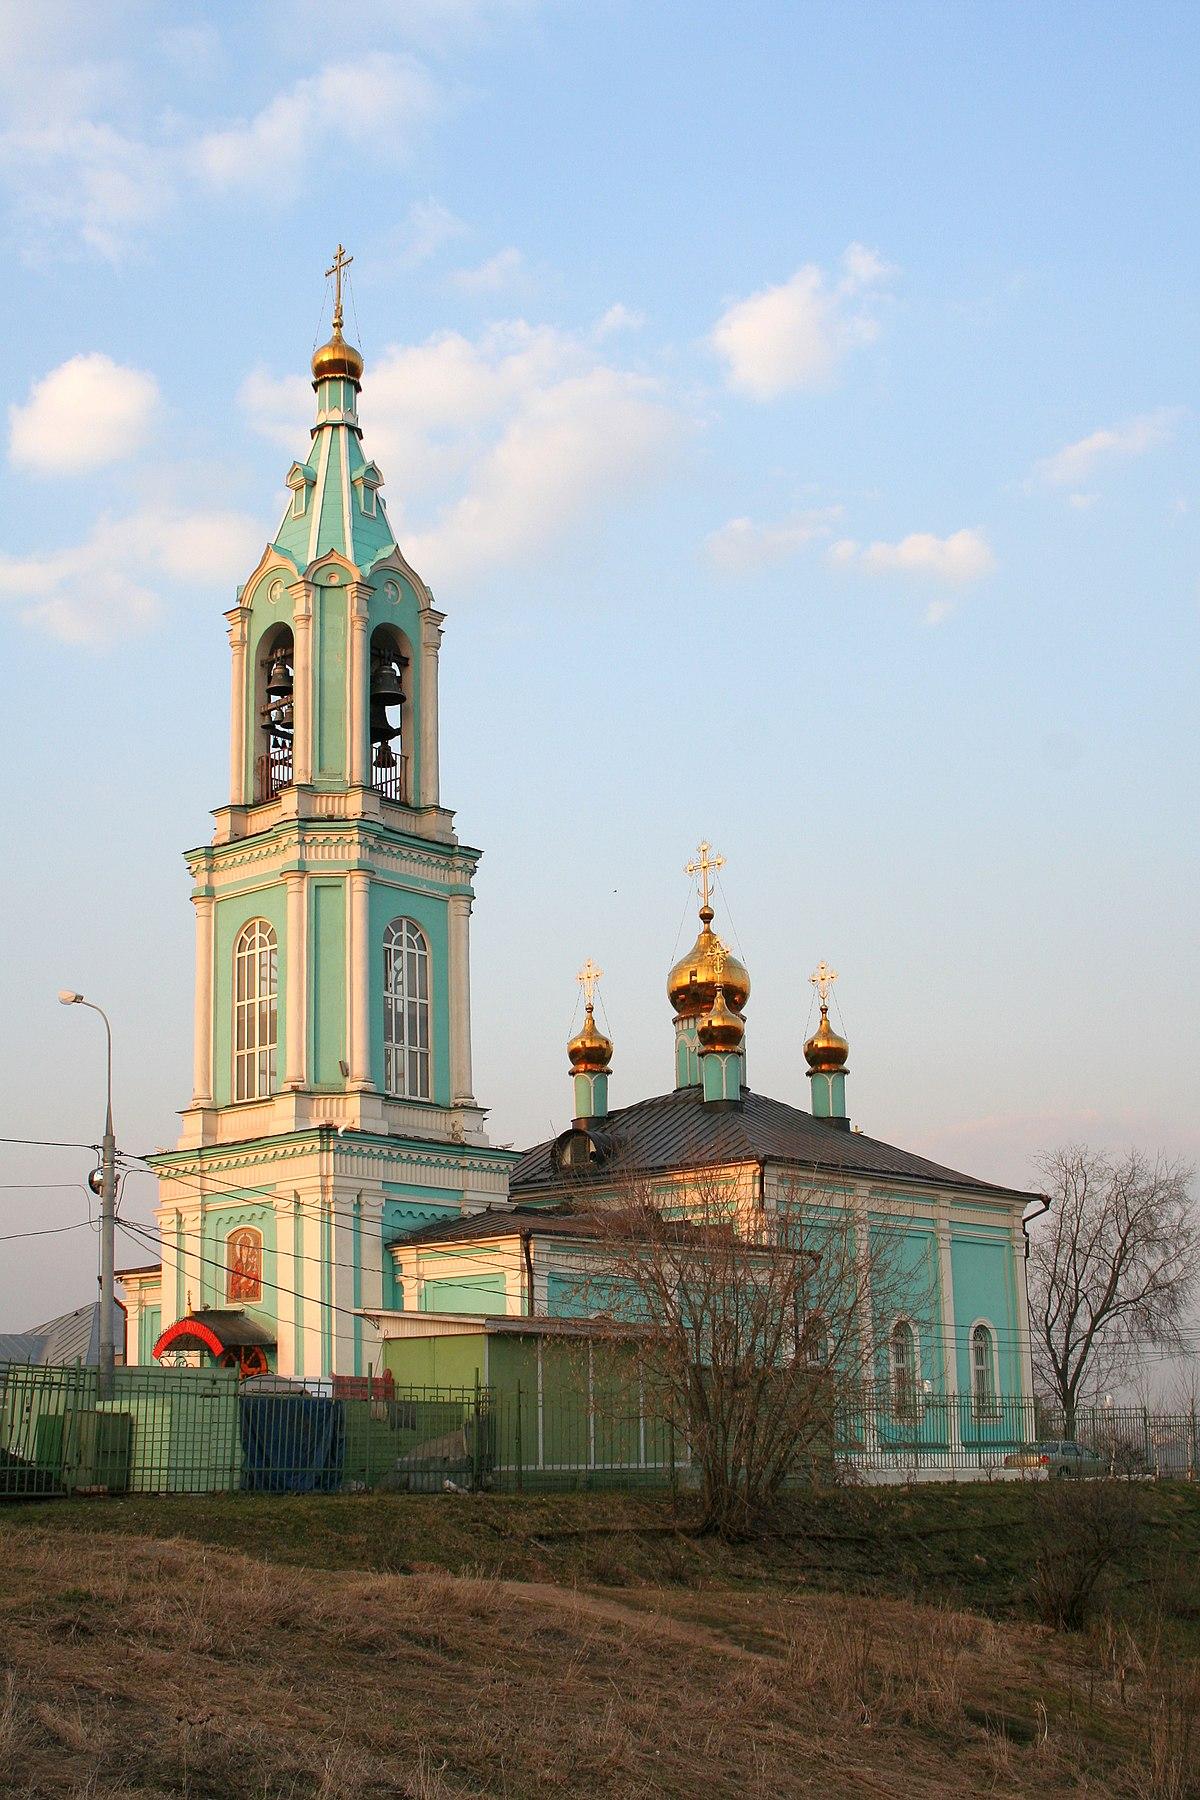 Церковь на хованском кладбище официальный сайт ваганьковское кладбище могилы знаменитостей список